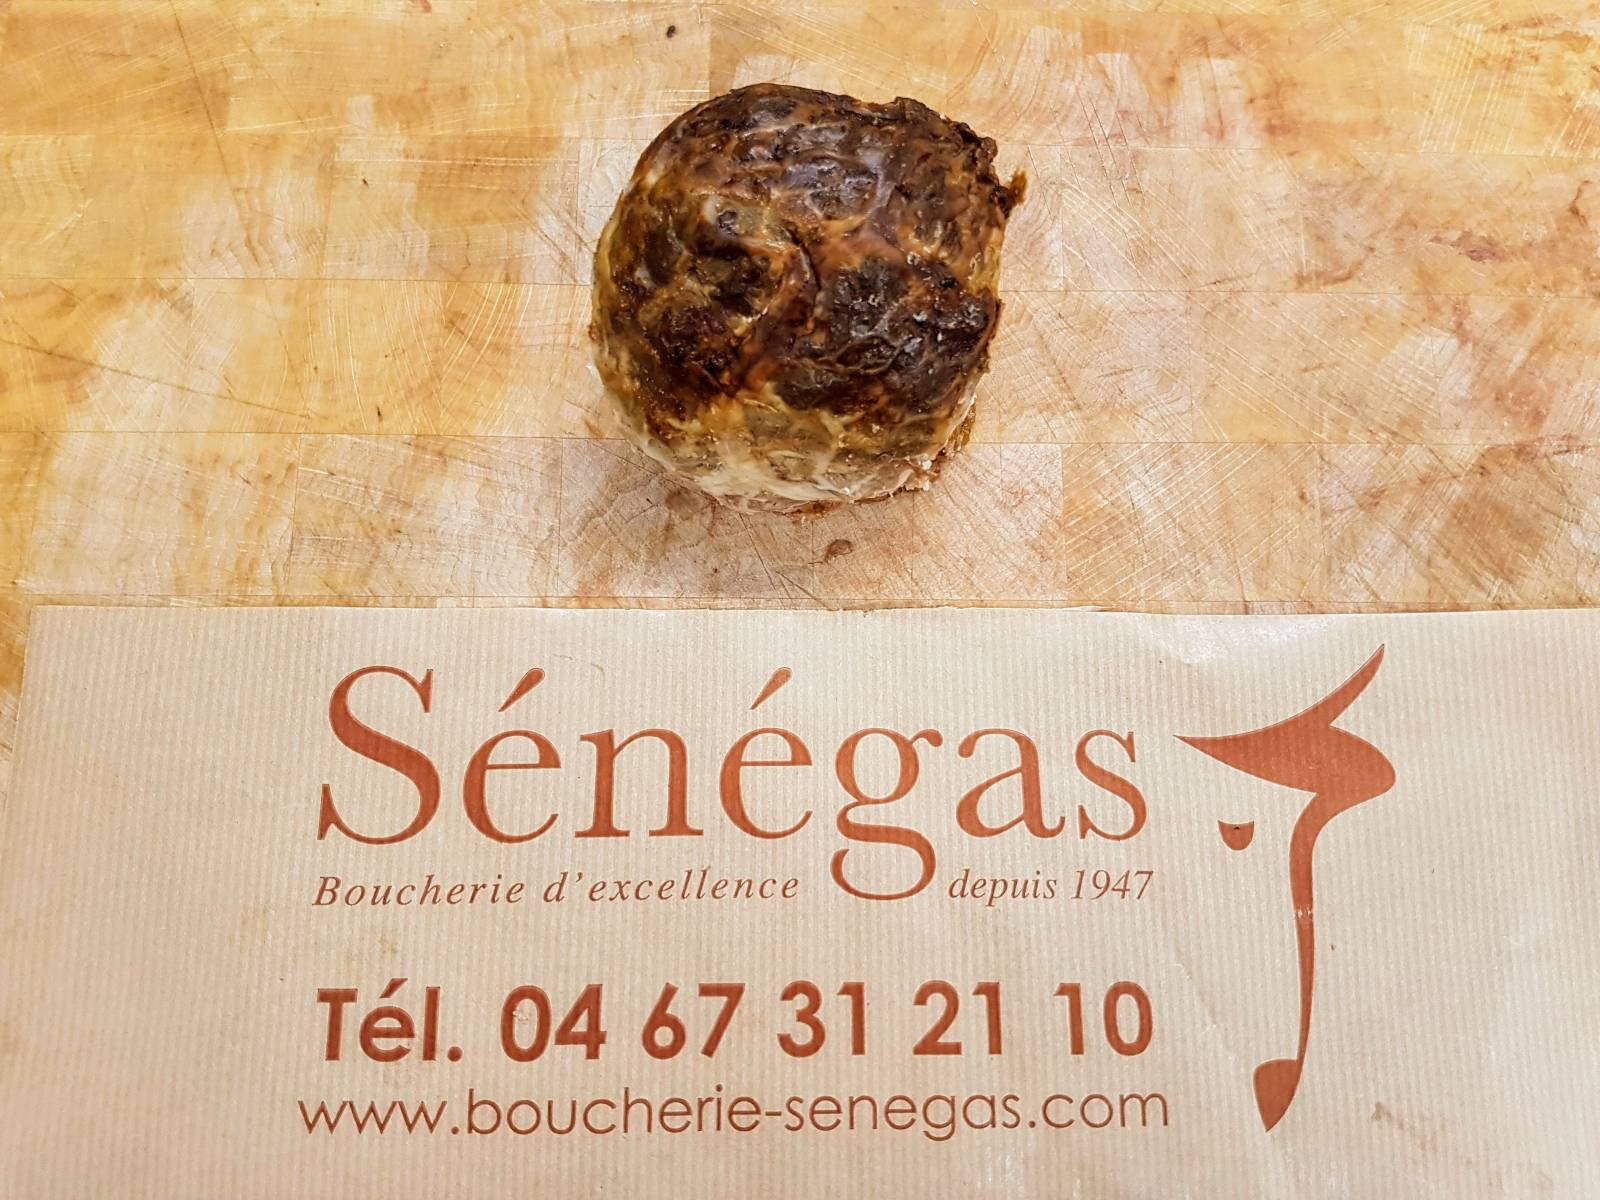 boucherie-senegas-fricandeau-charcuterie